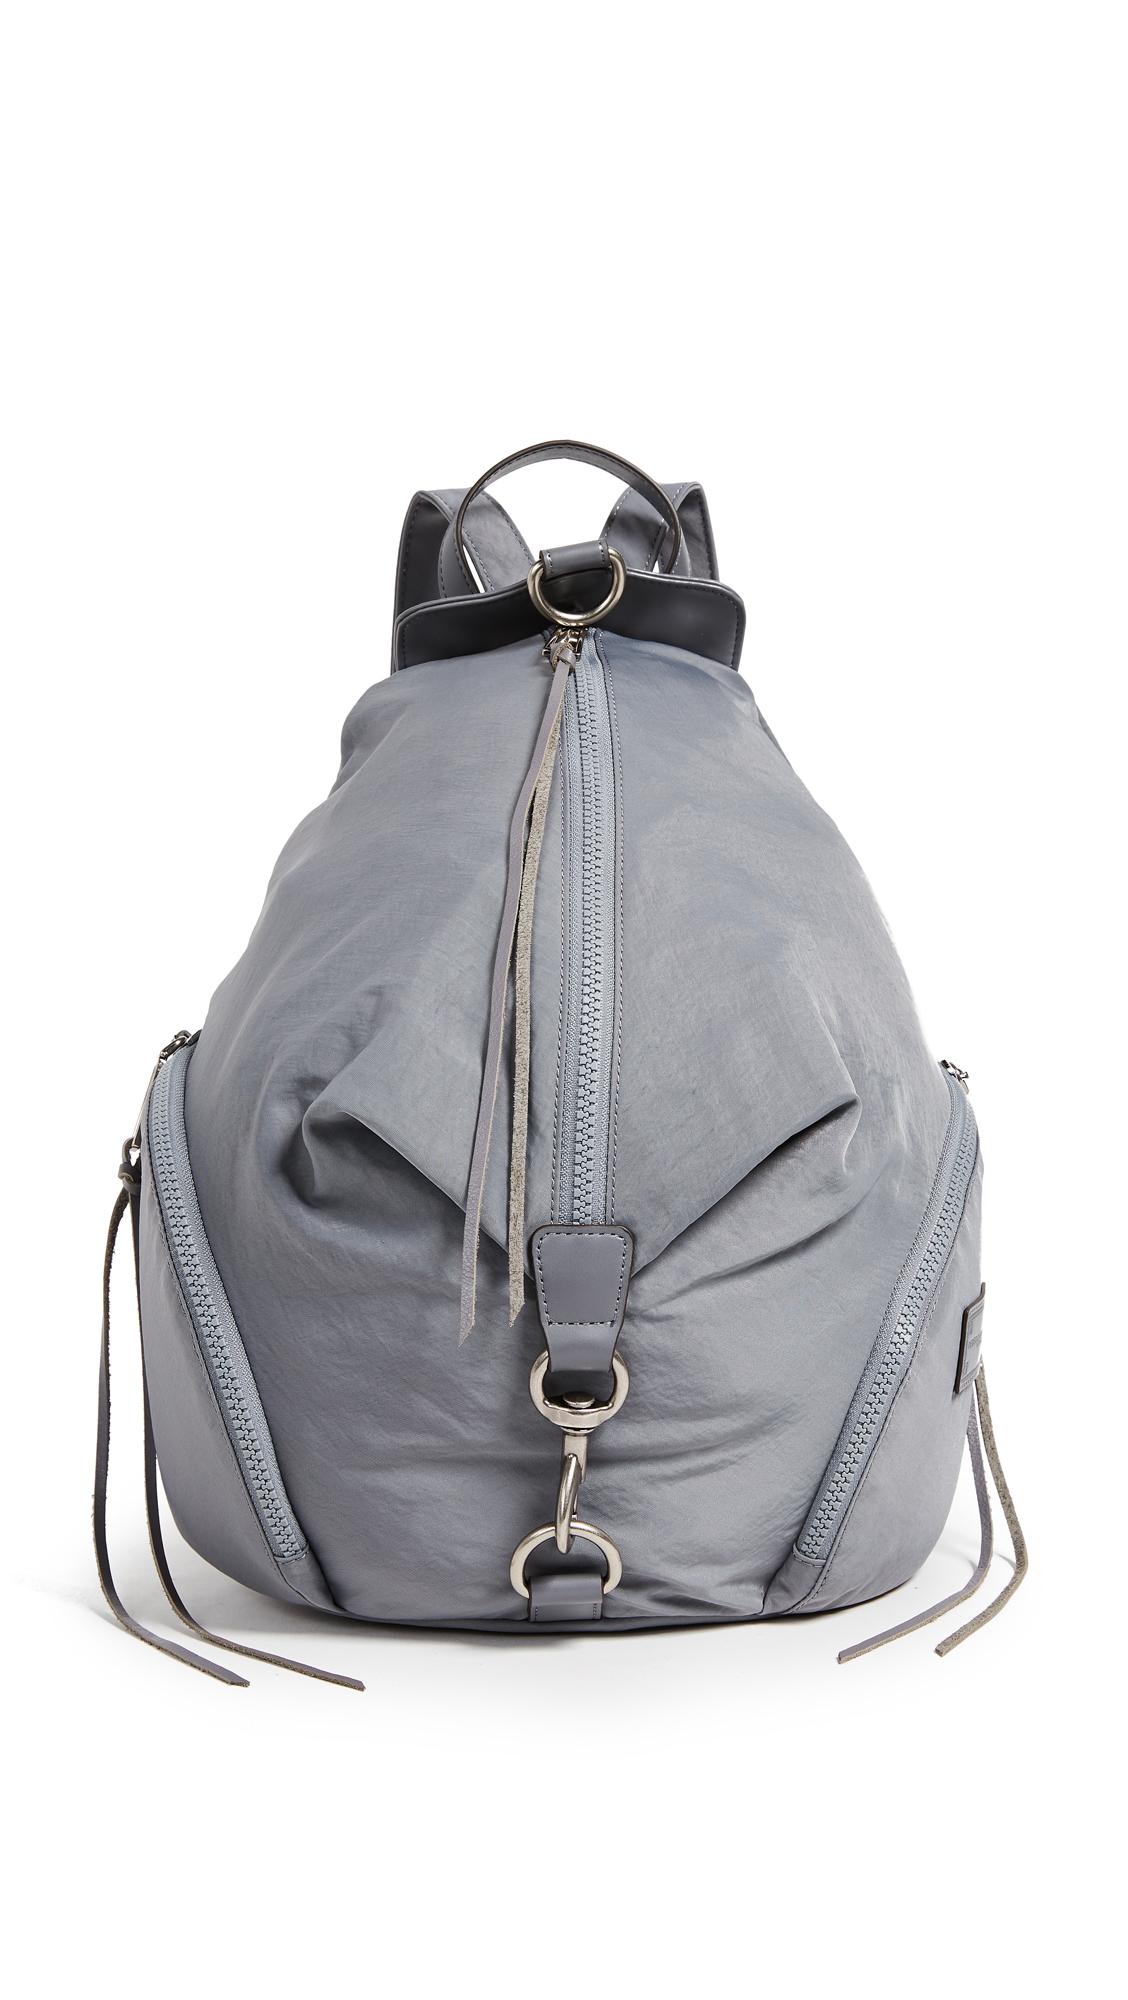 Rebecca Minkoff Nylon Julian Backpack - Grey